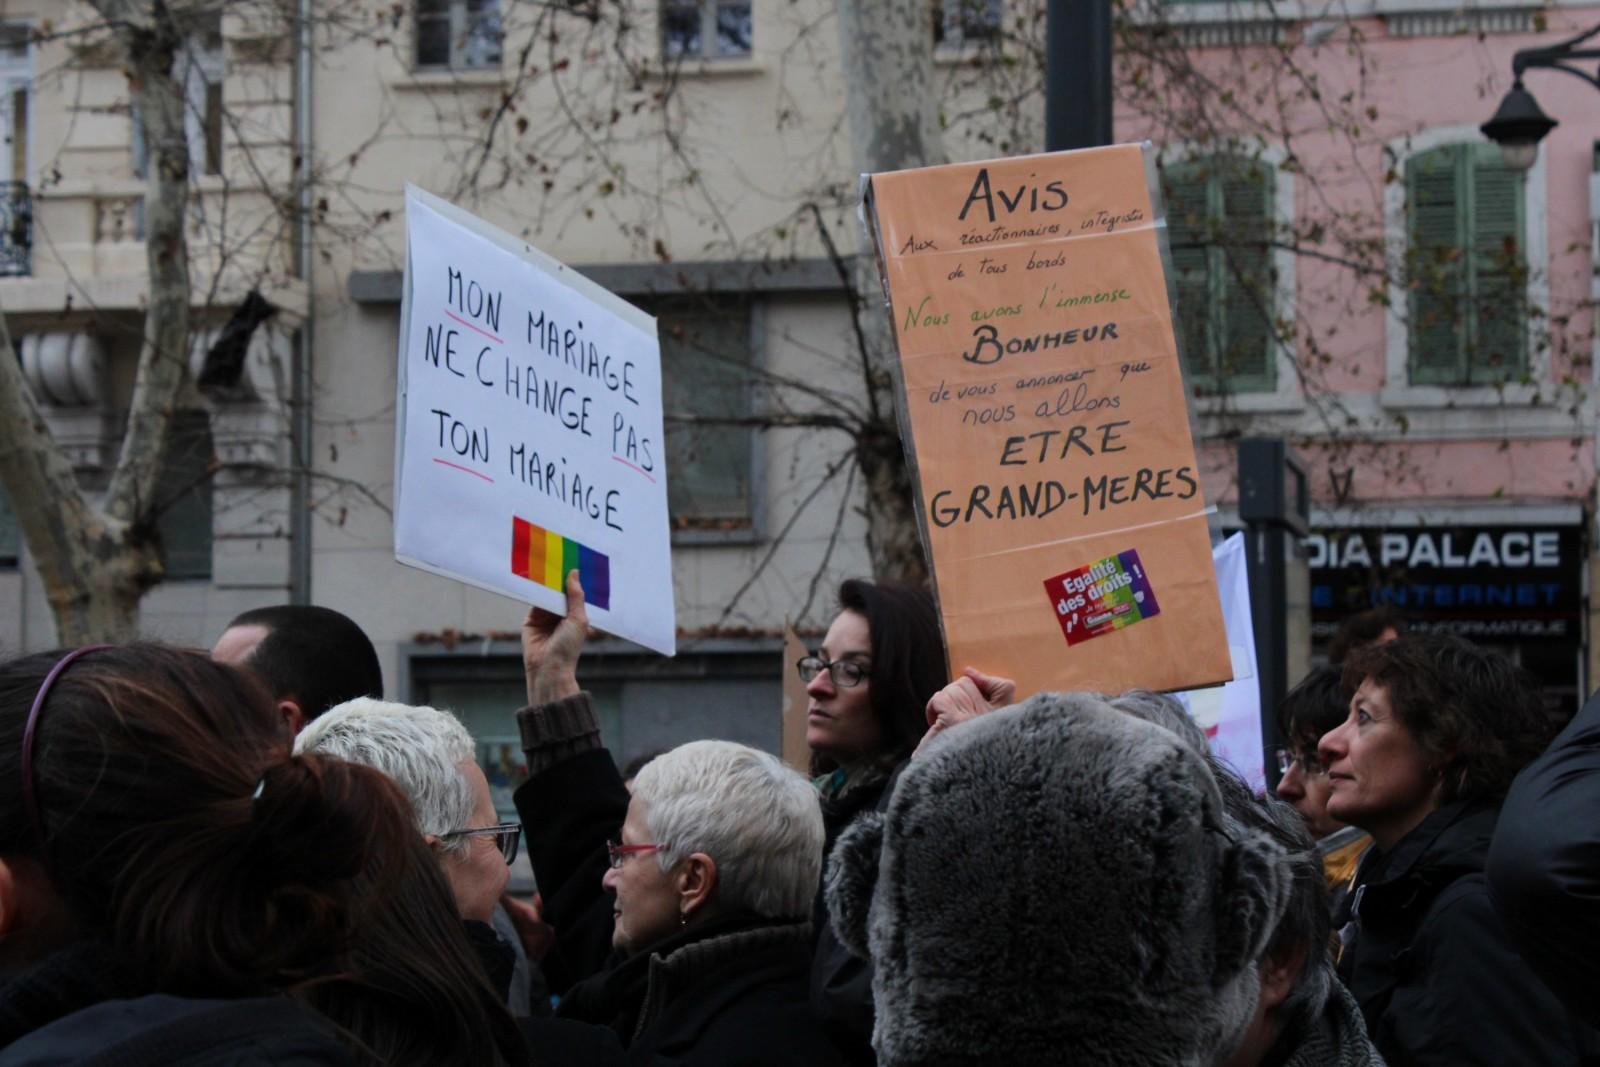 Manifestation pour le mariage pour tous, samedi 19 janvier 2013 à Marseille. ©AL